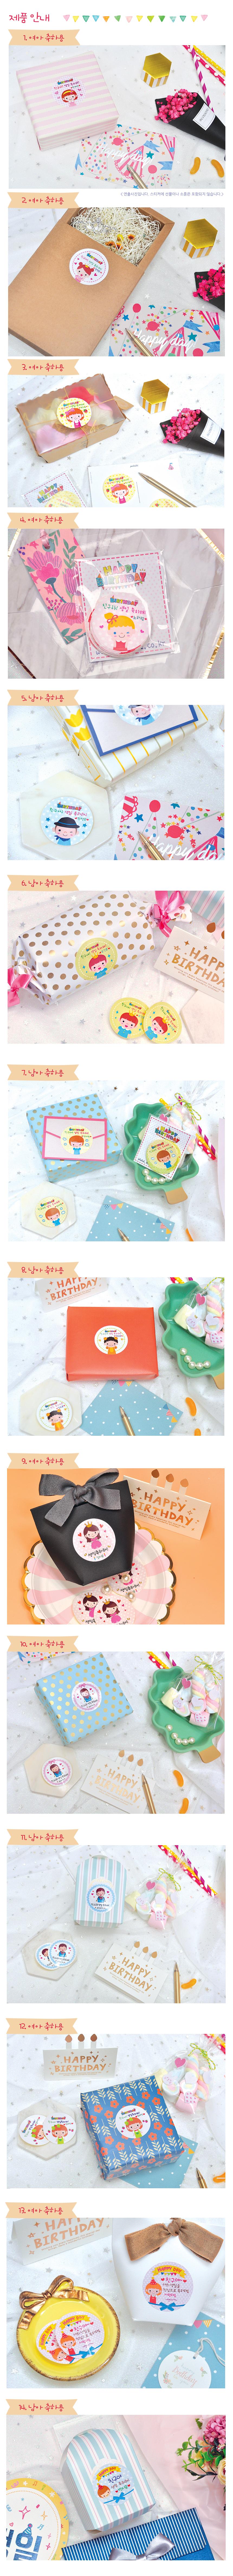 어린이집 생일파티 생일스티커 답례스티커 축하스티커 - 키즈네임, 4,000원, 스티커, 디자인스티커